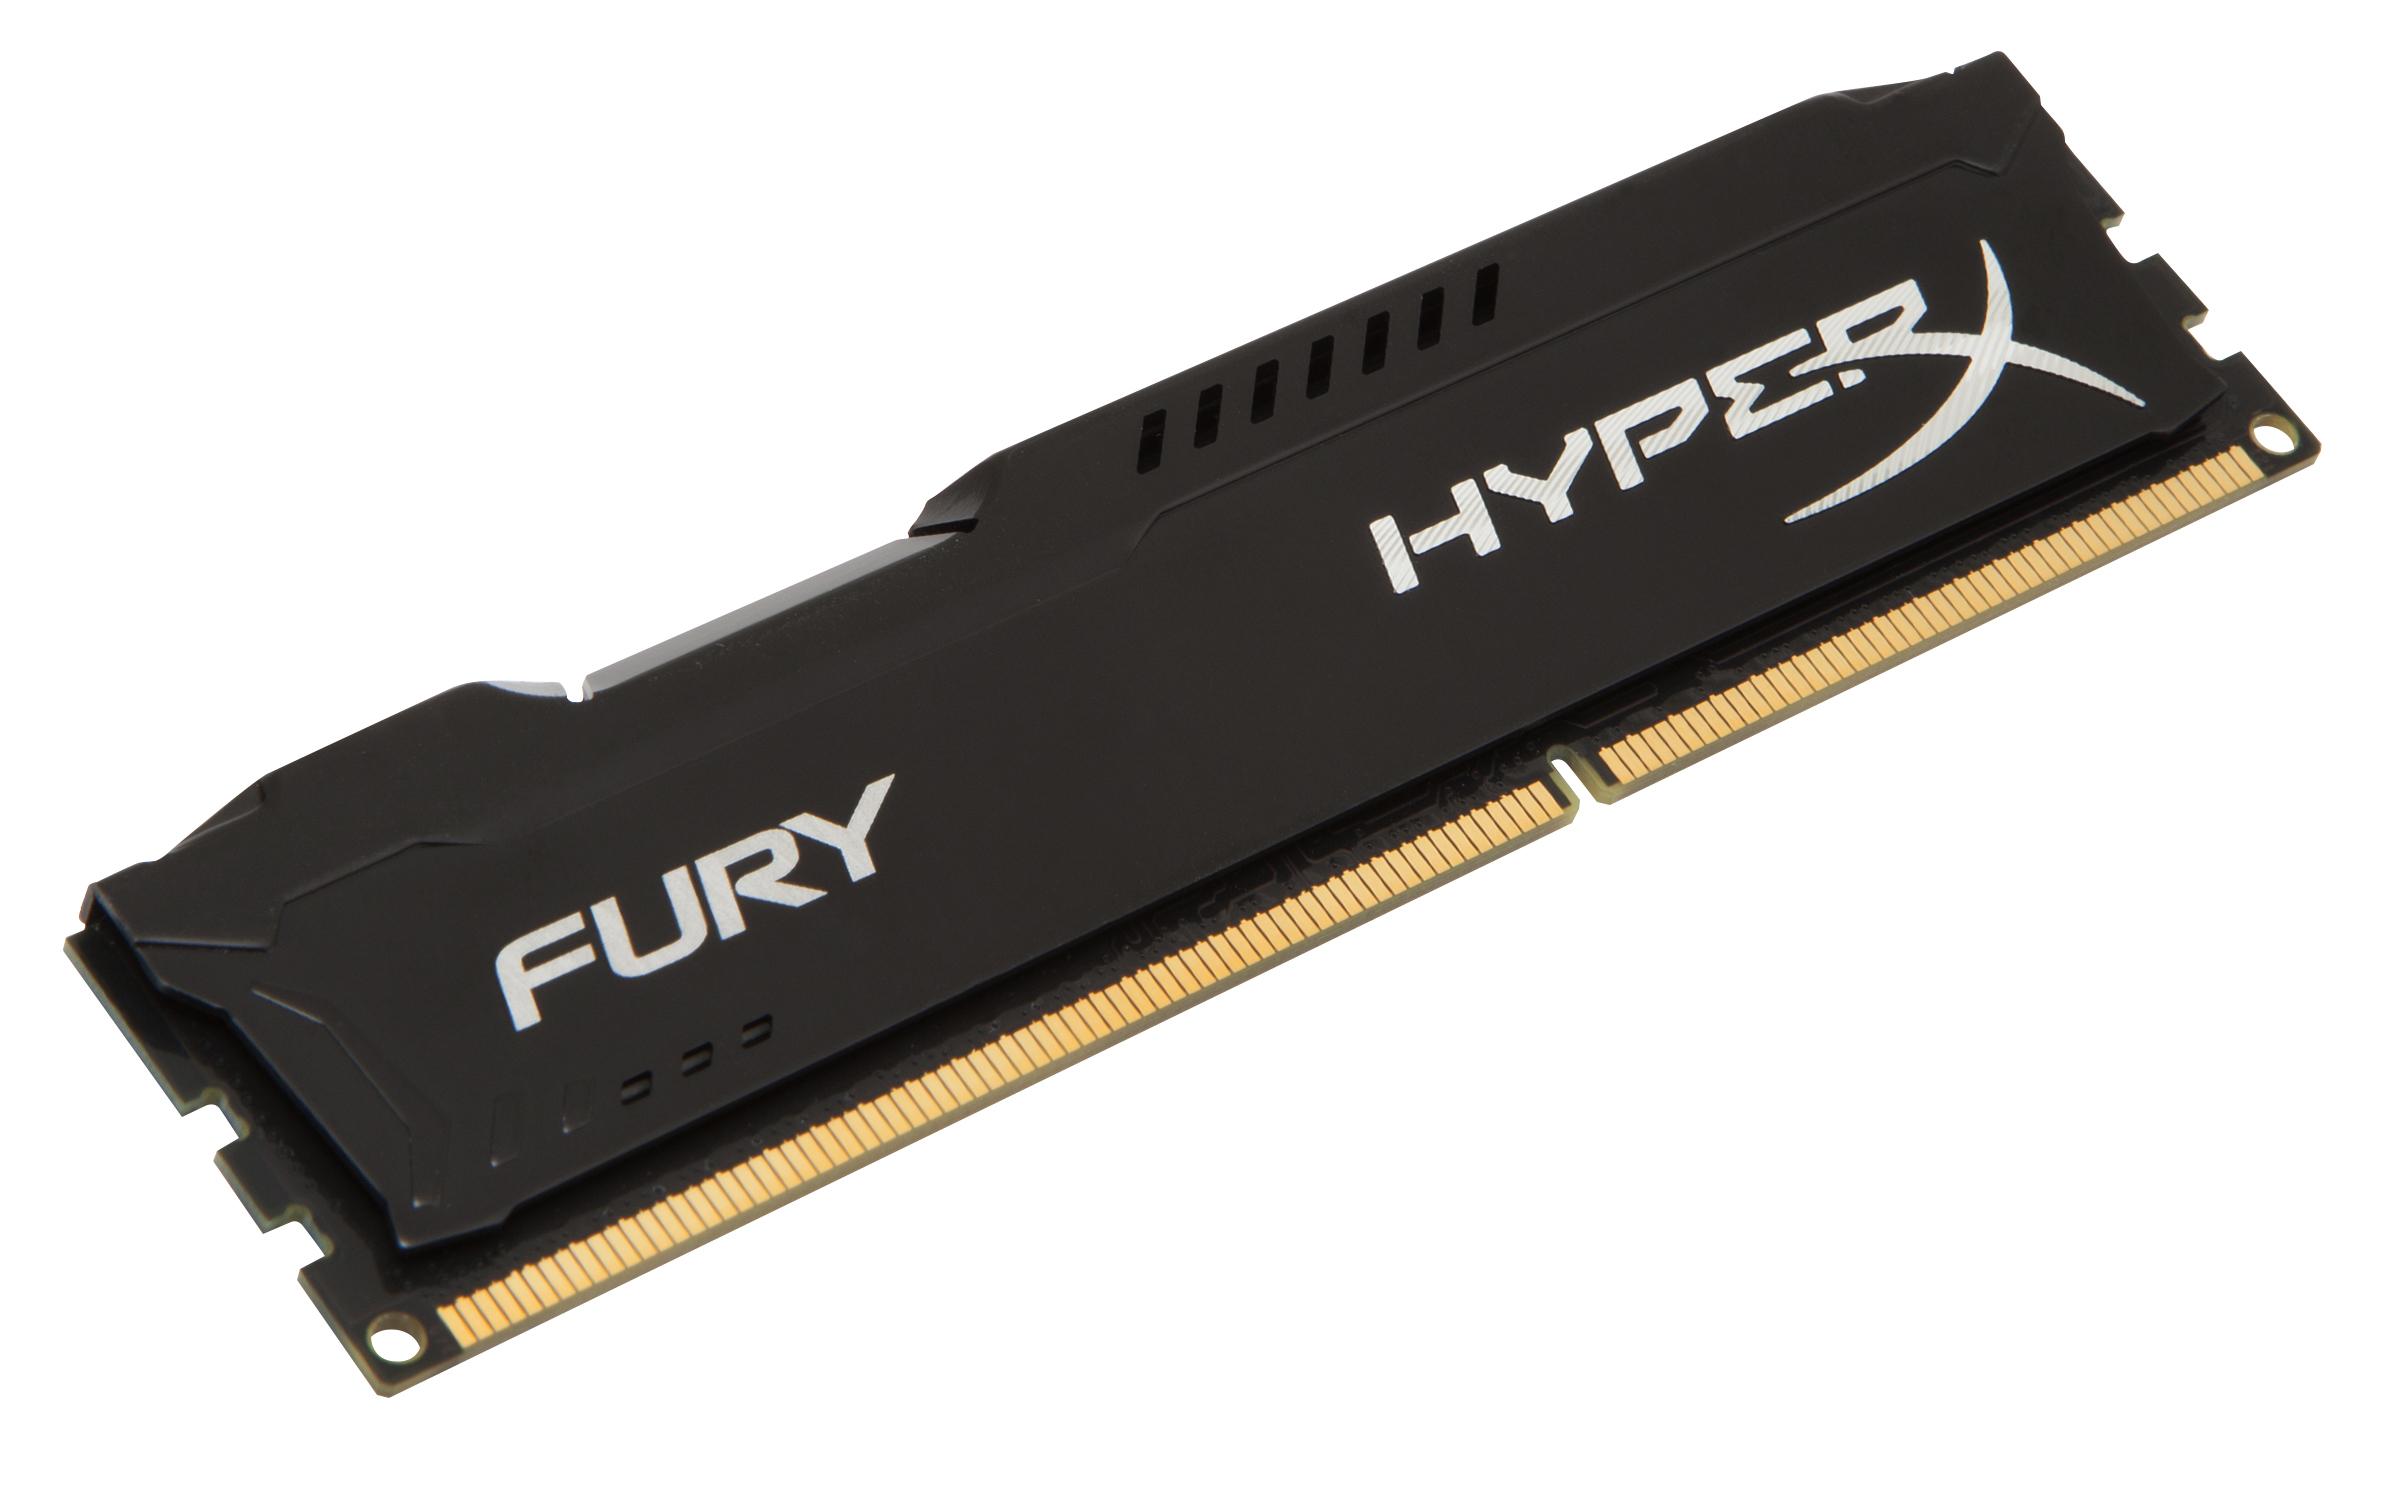 HyperX FURY Black 8GB 1333MHz DDR3 8GB DDR3 1333MHz memory module